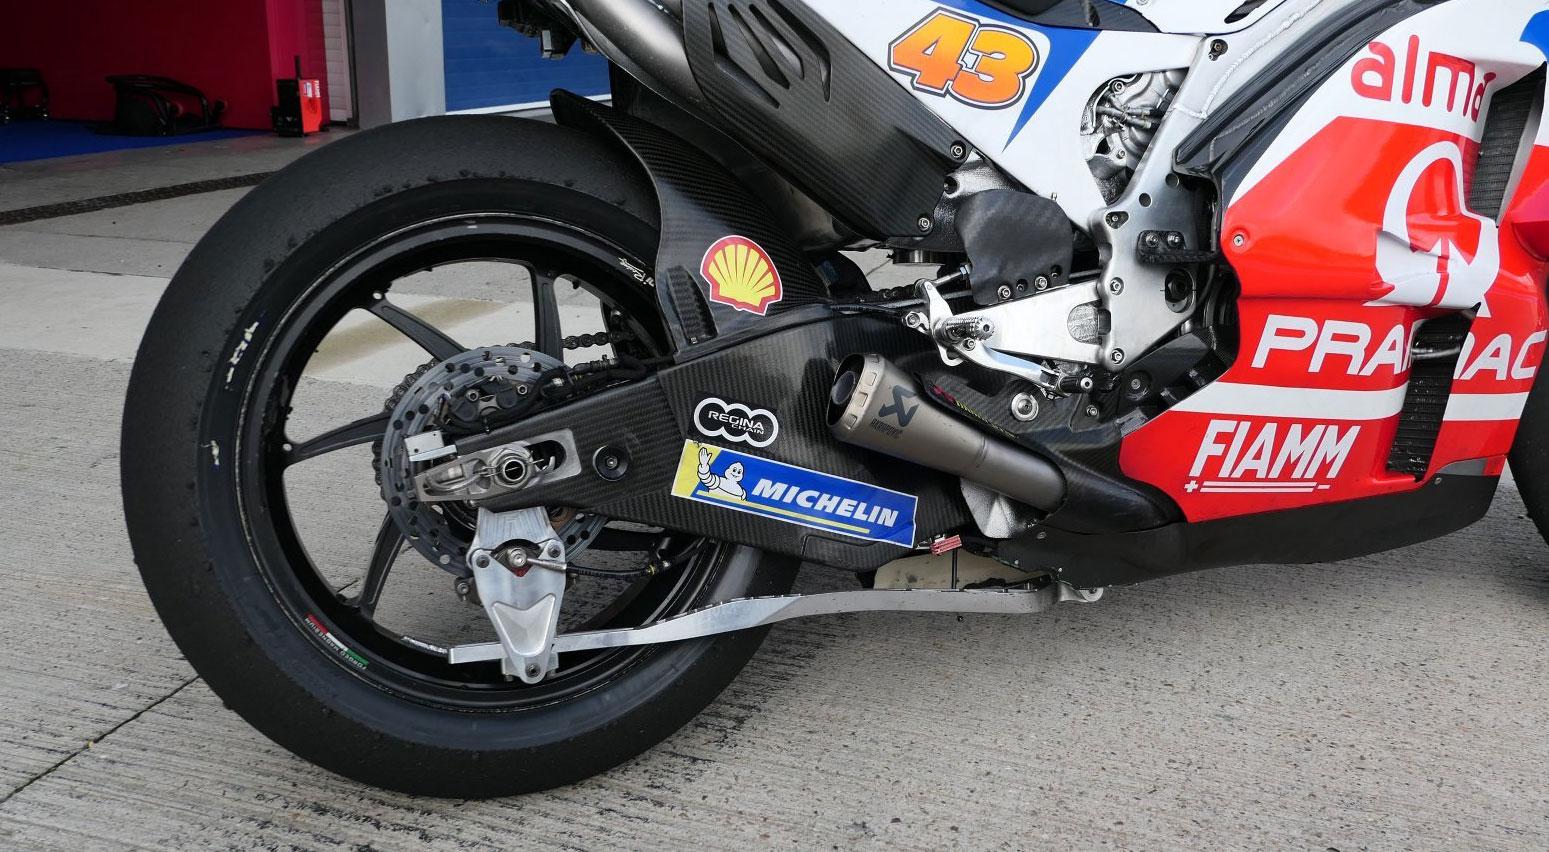 Ducatijeva paralelogram zadnja viljuška